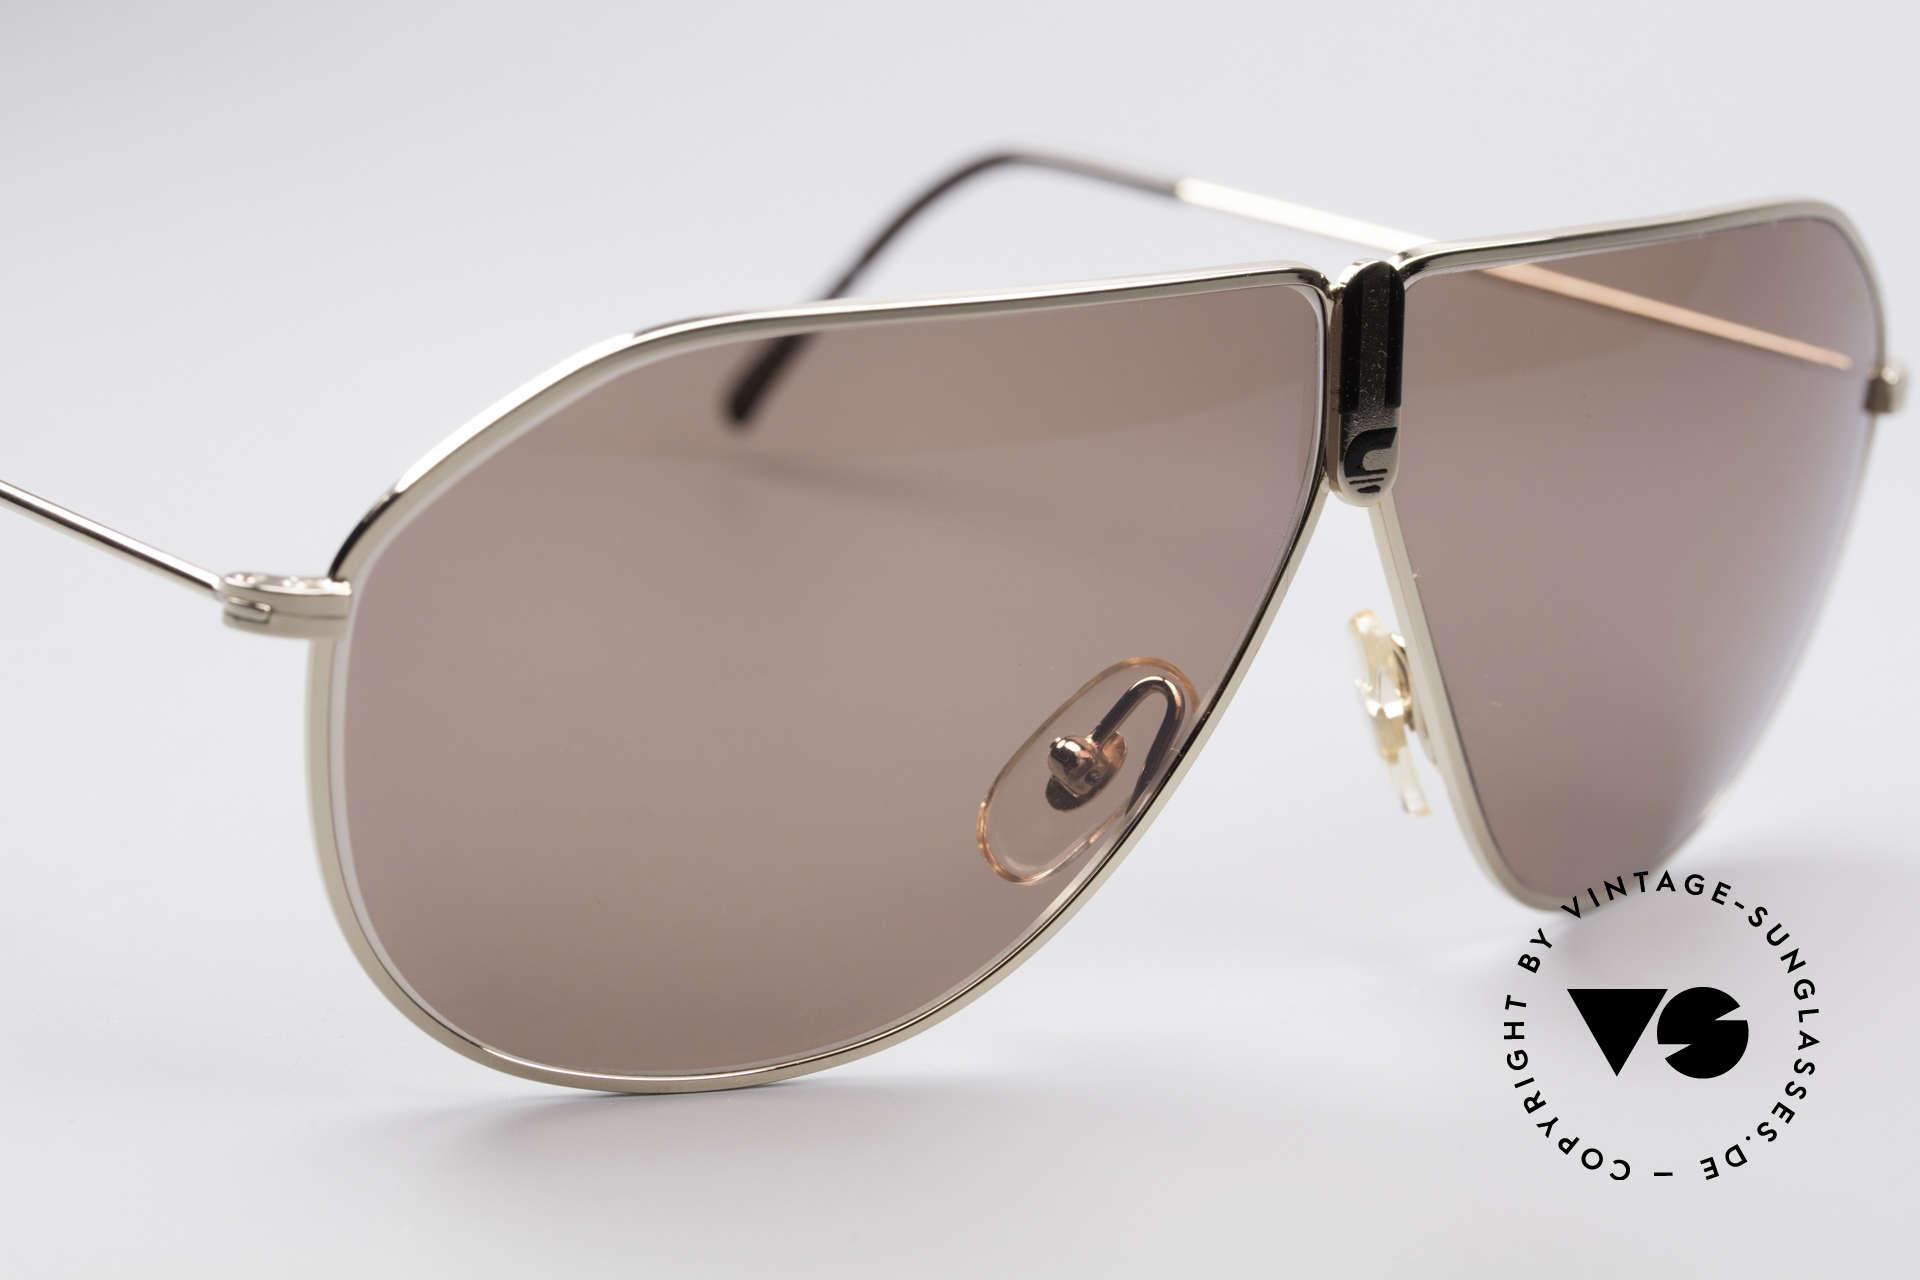 abe06e6c4621e Sunglasses Carrera 5437 90 s Designer Shades